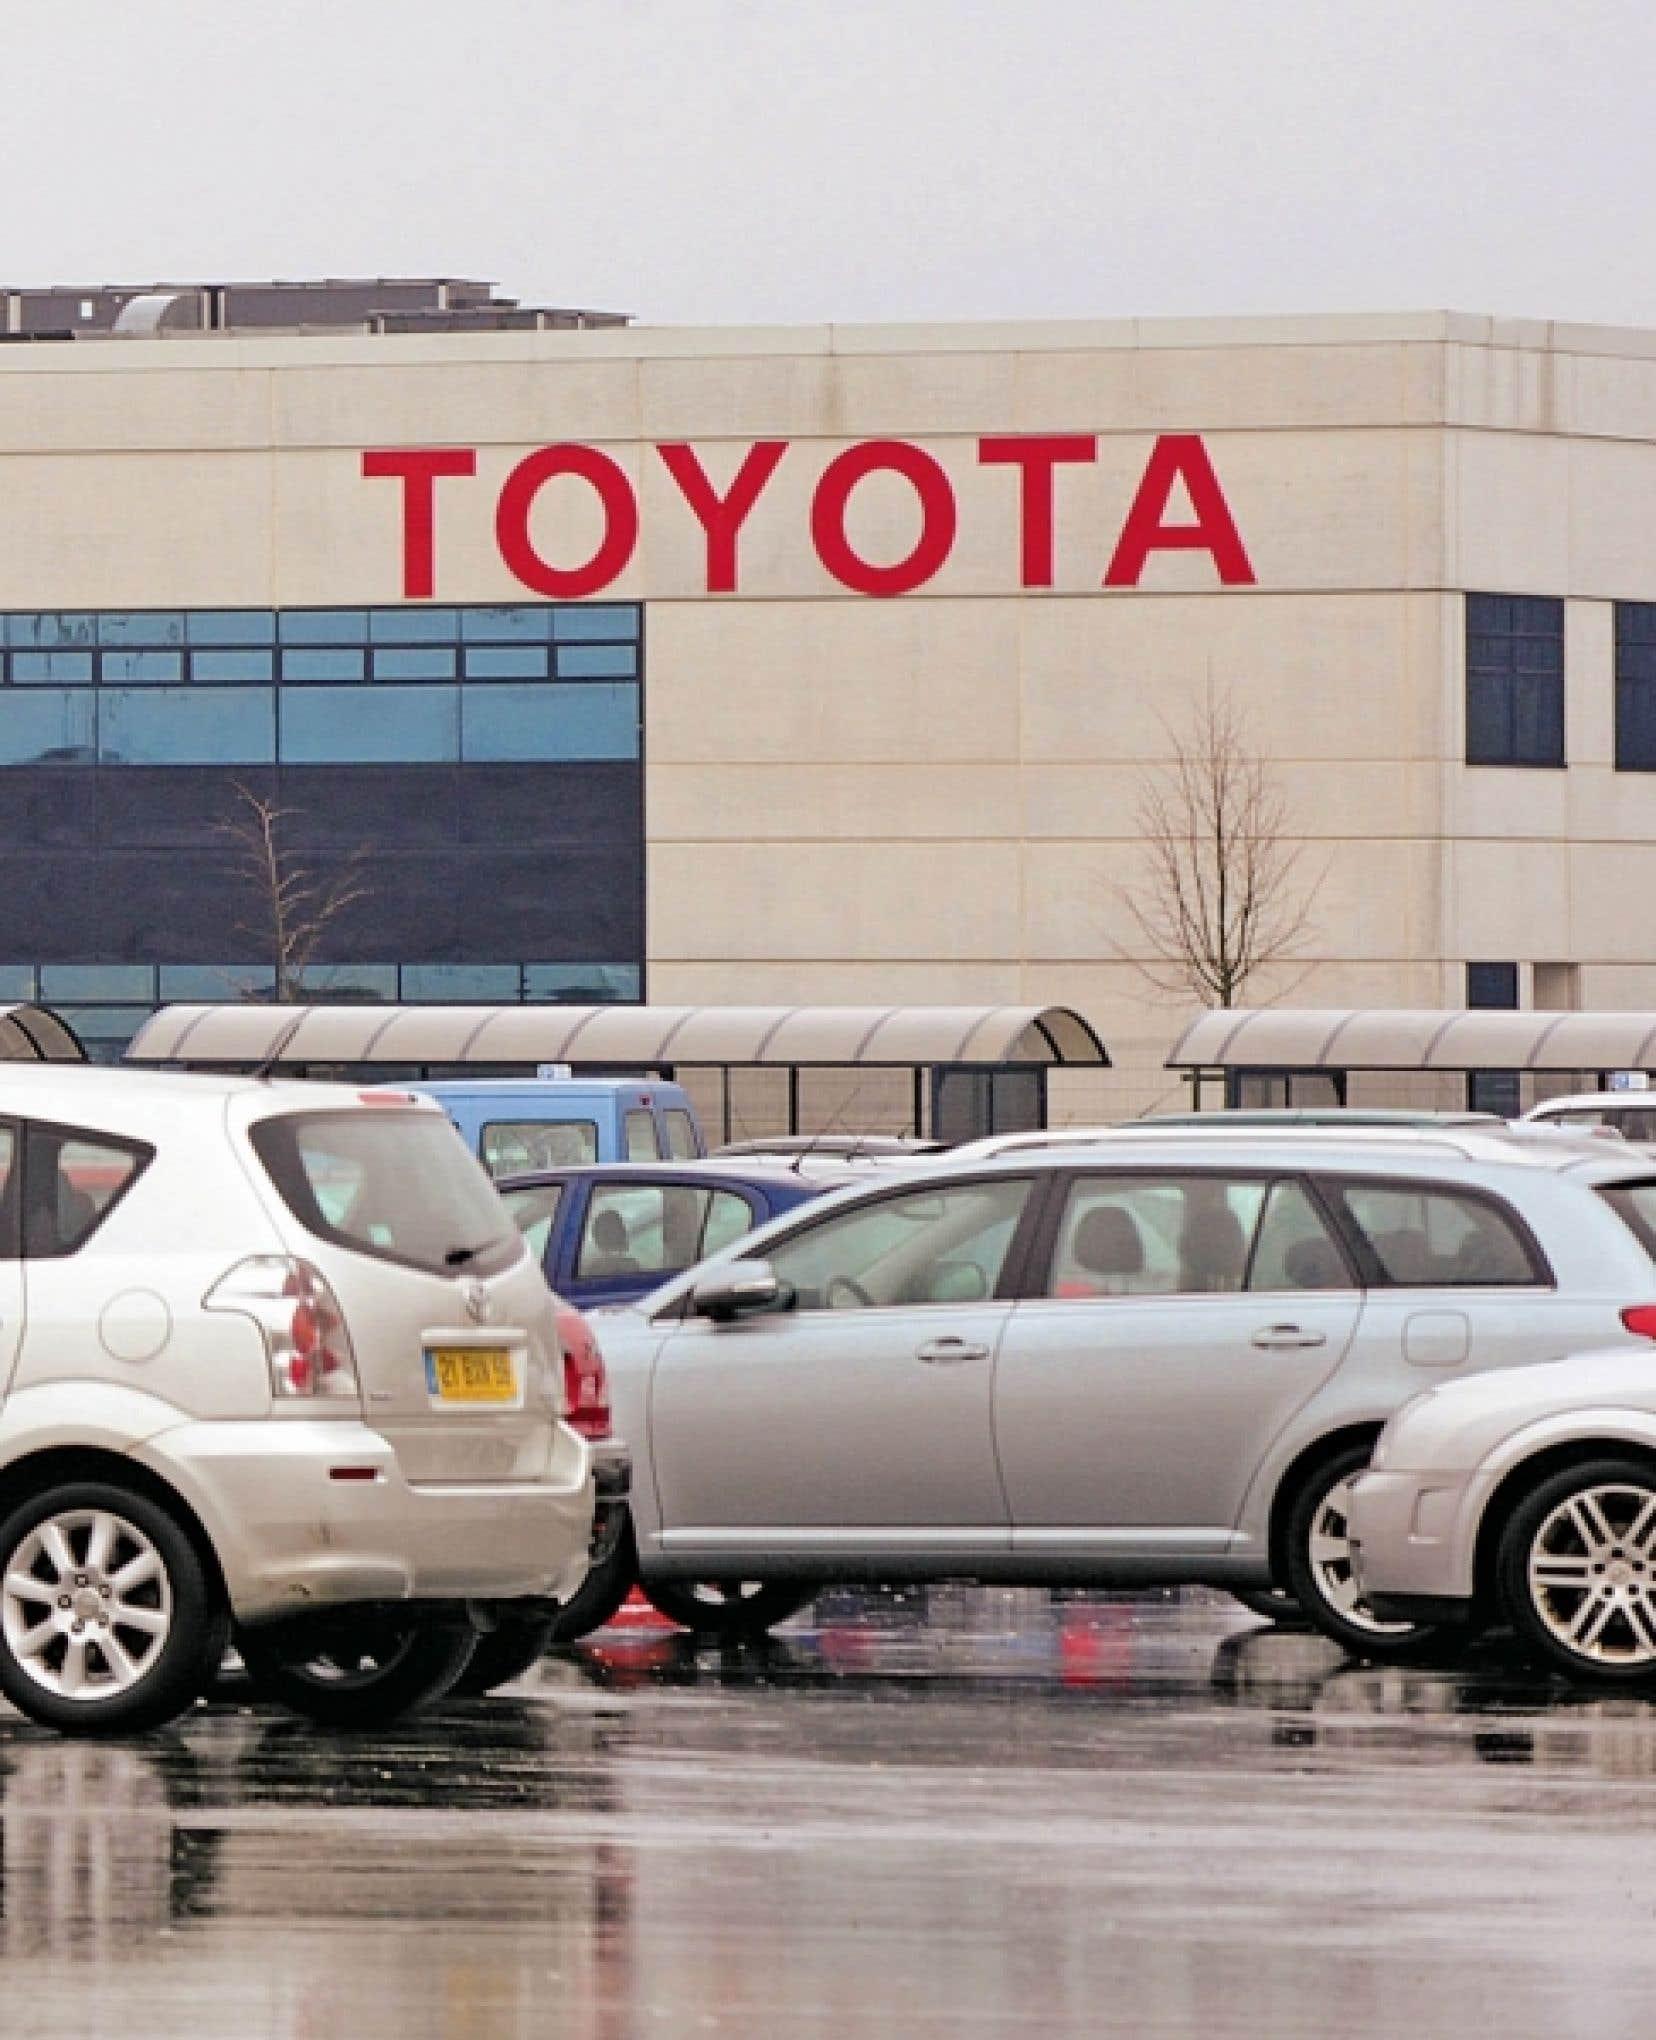 La production de Toyota en Europe a chuté de 29,7 %, la portant à 40 630 automobiles par mois, en raison des ventes décevantes au Royaume-Uni et en Turquie.